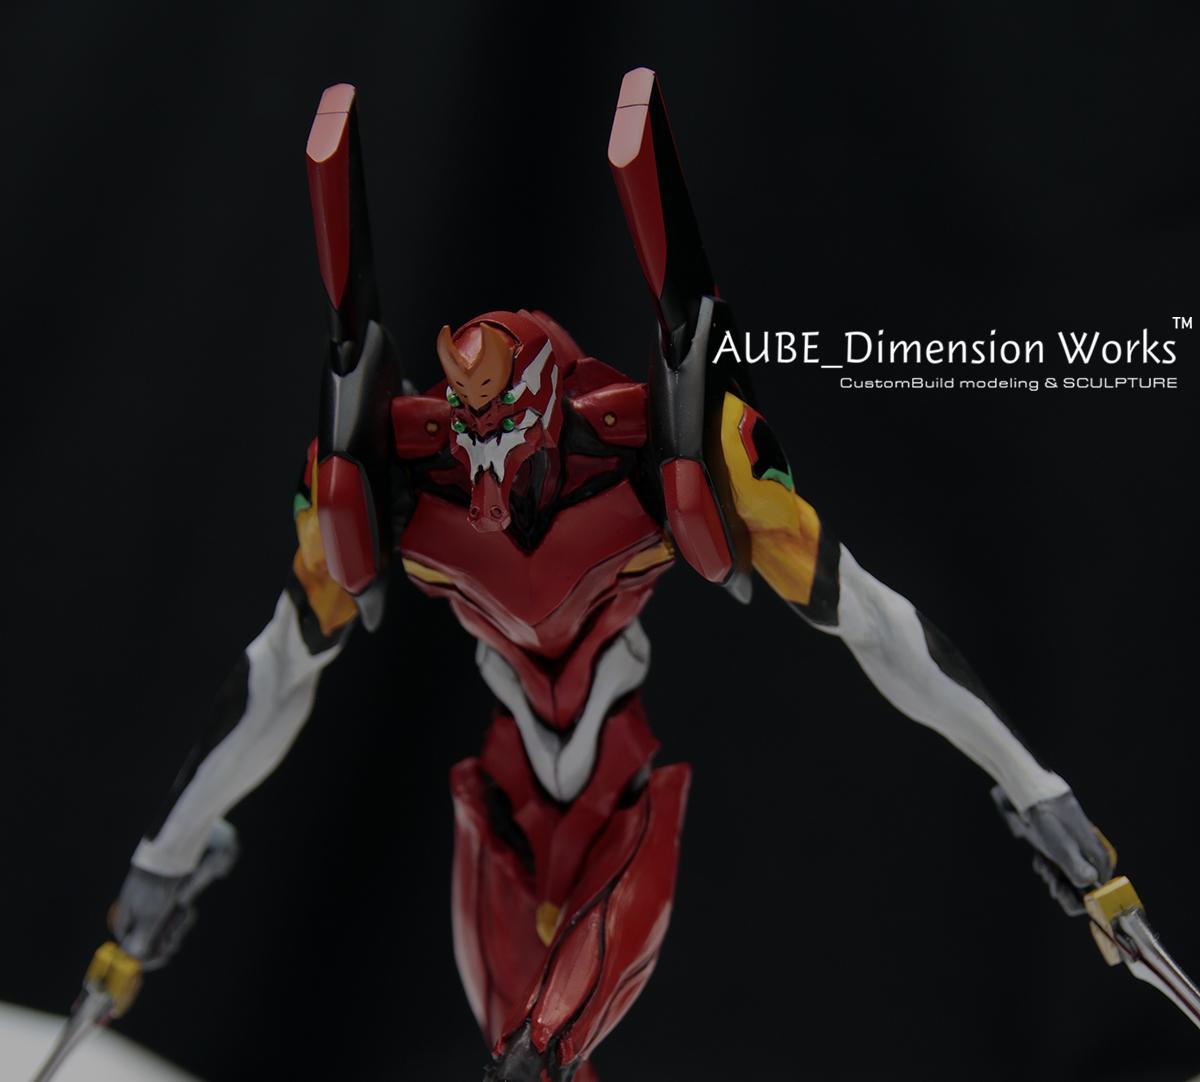 エヴァンゲリオン2号機 「invidia」 ヱヴァンゲリヲン新劇場版:破 ガレージキット塗装済み完成品 METAL BOX(原型)AUBE Dimension